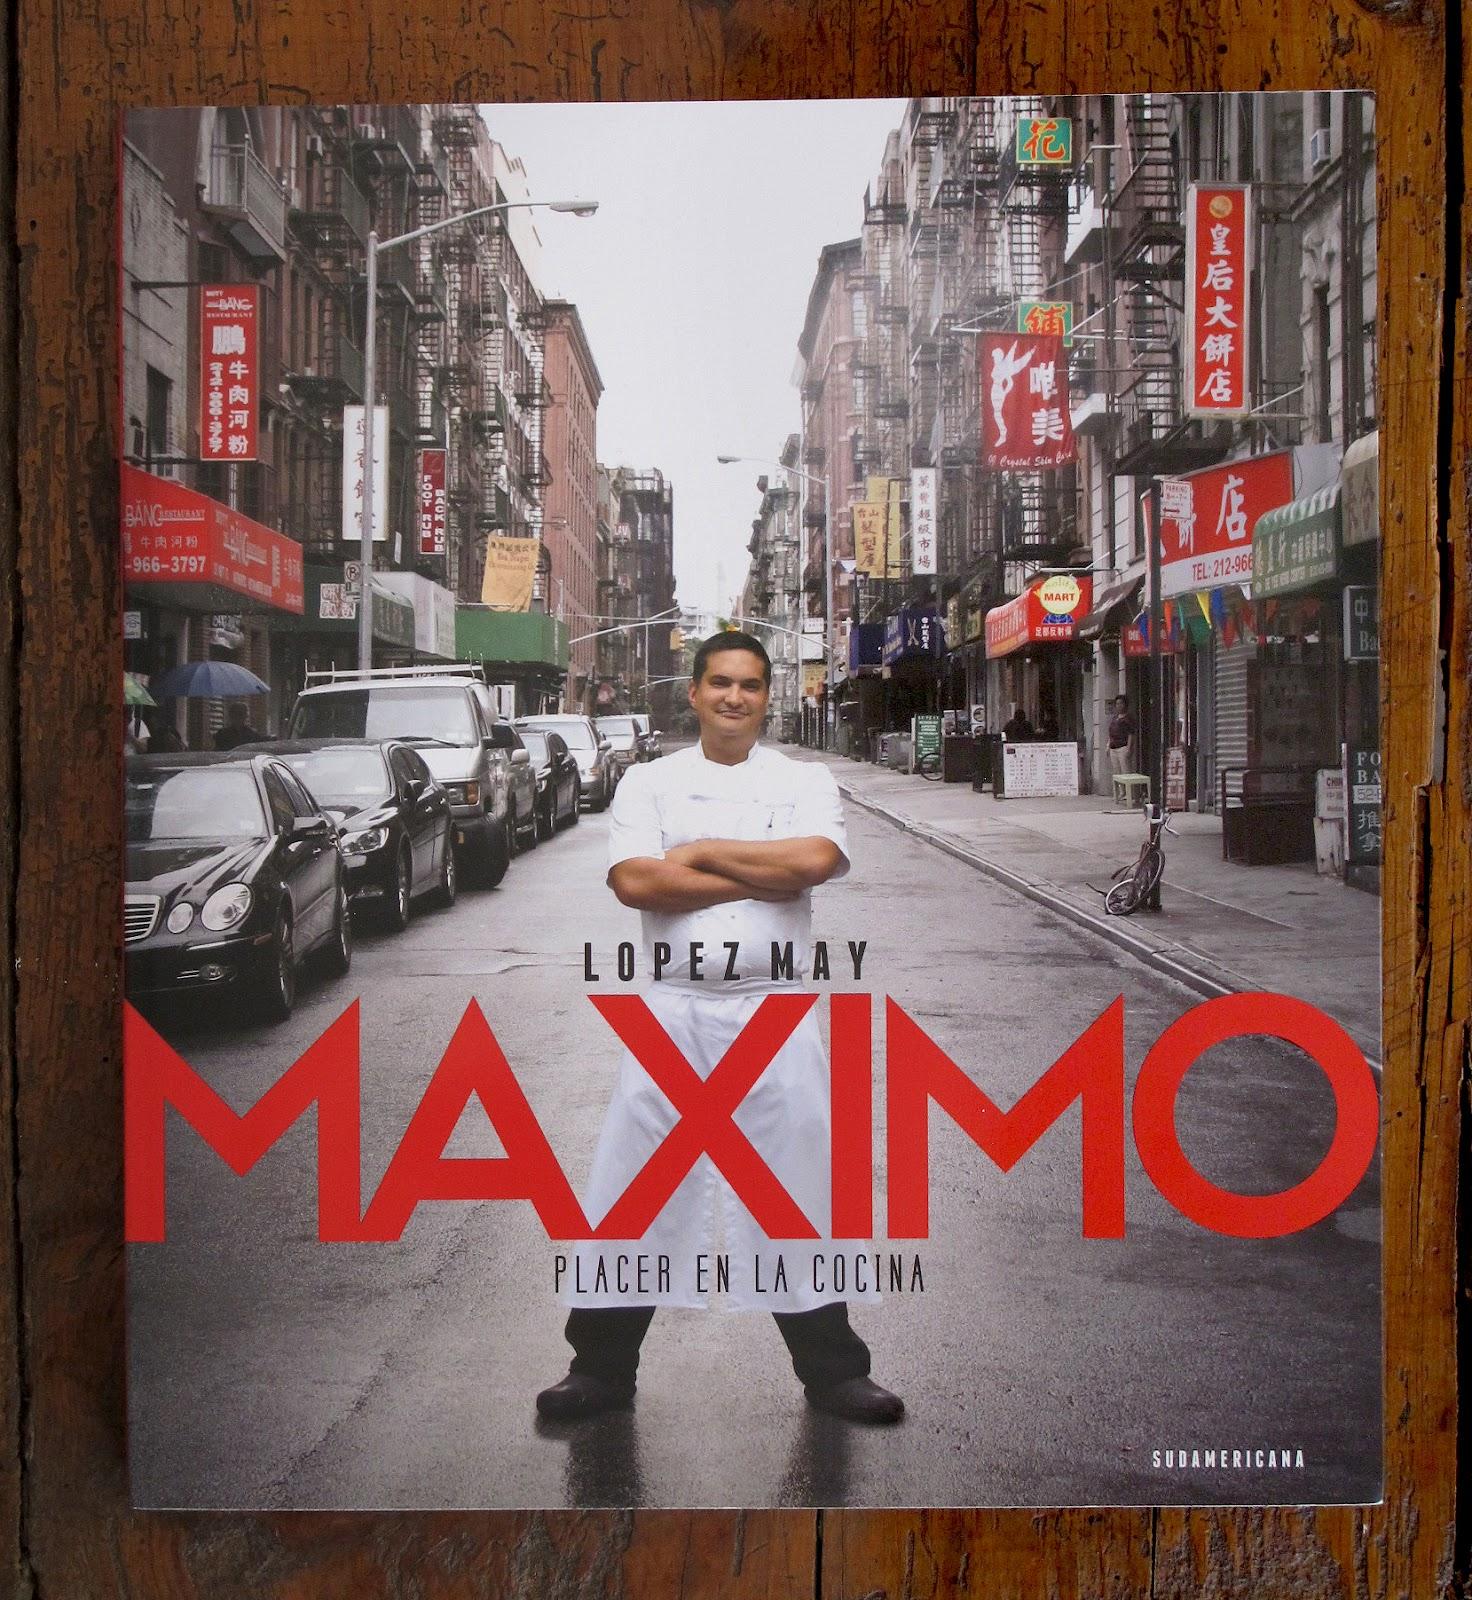 Bienvenidos a mi blog Sale el libro de Mximo Lpez May